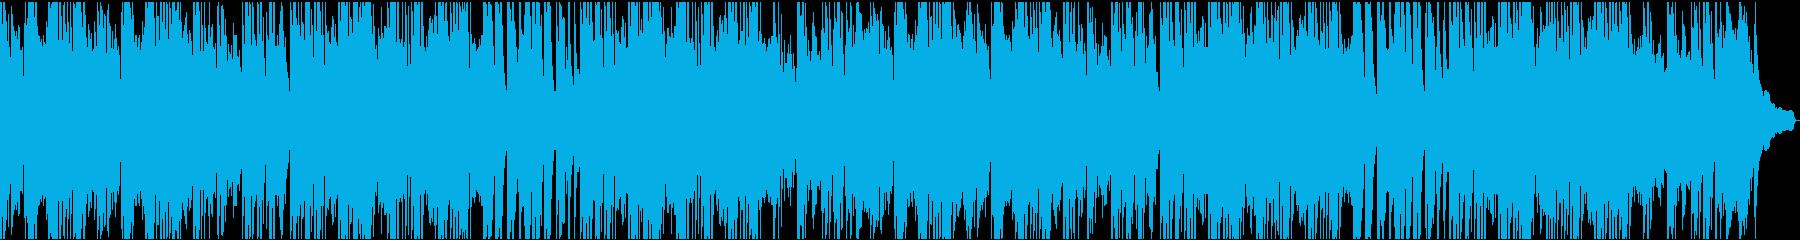 企業VP17 16bit44kHzVerの再生済みの波形